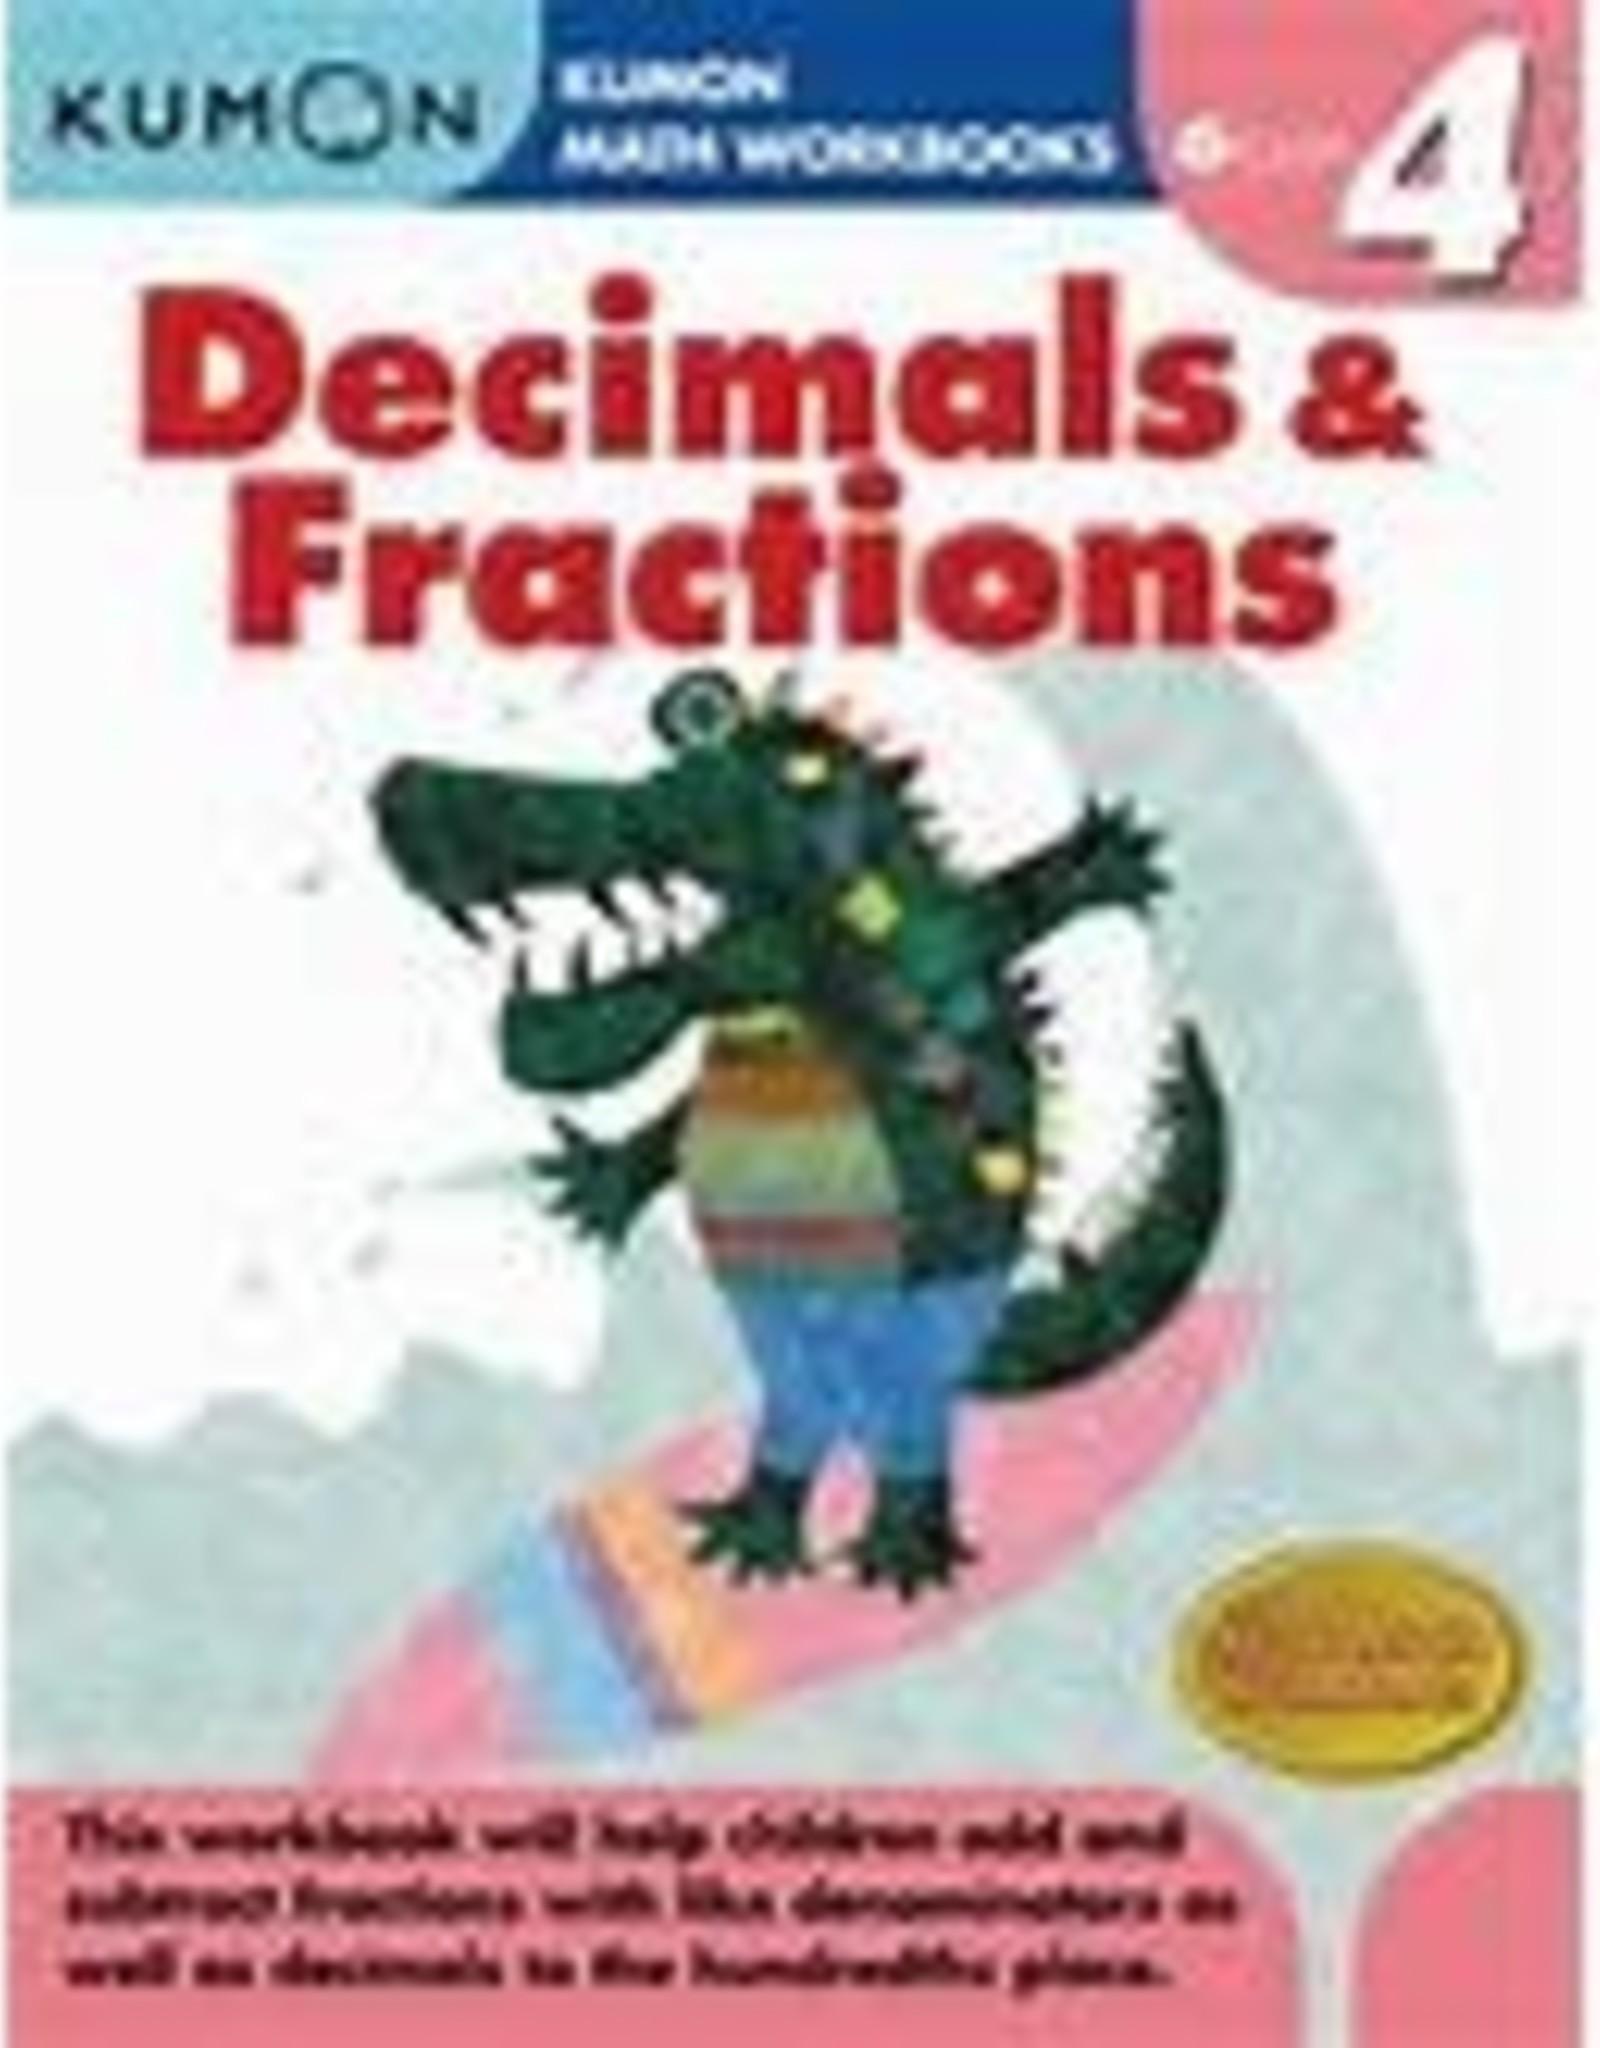 Kumon GRADE 4 DECIMALS & FRACTIONS